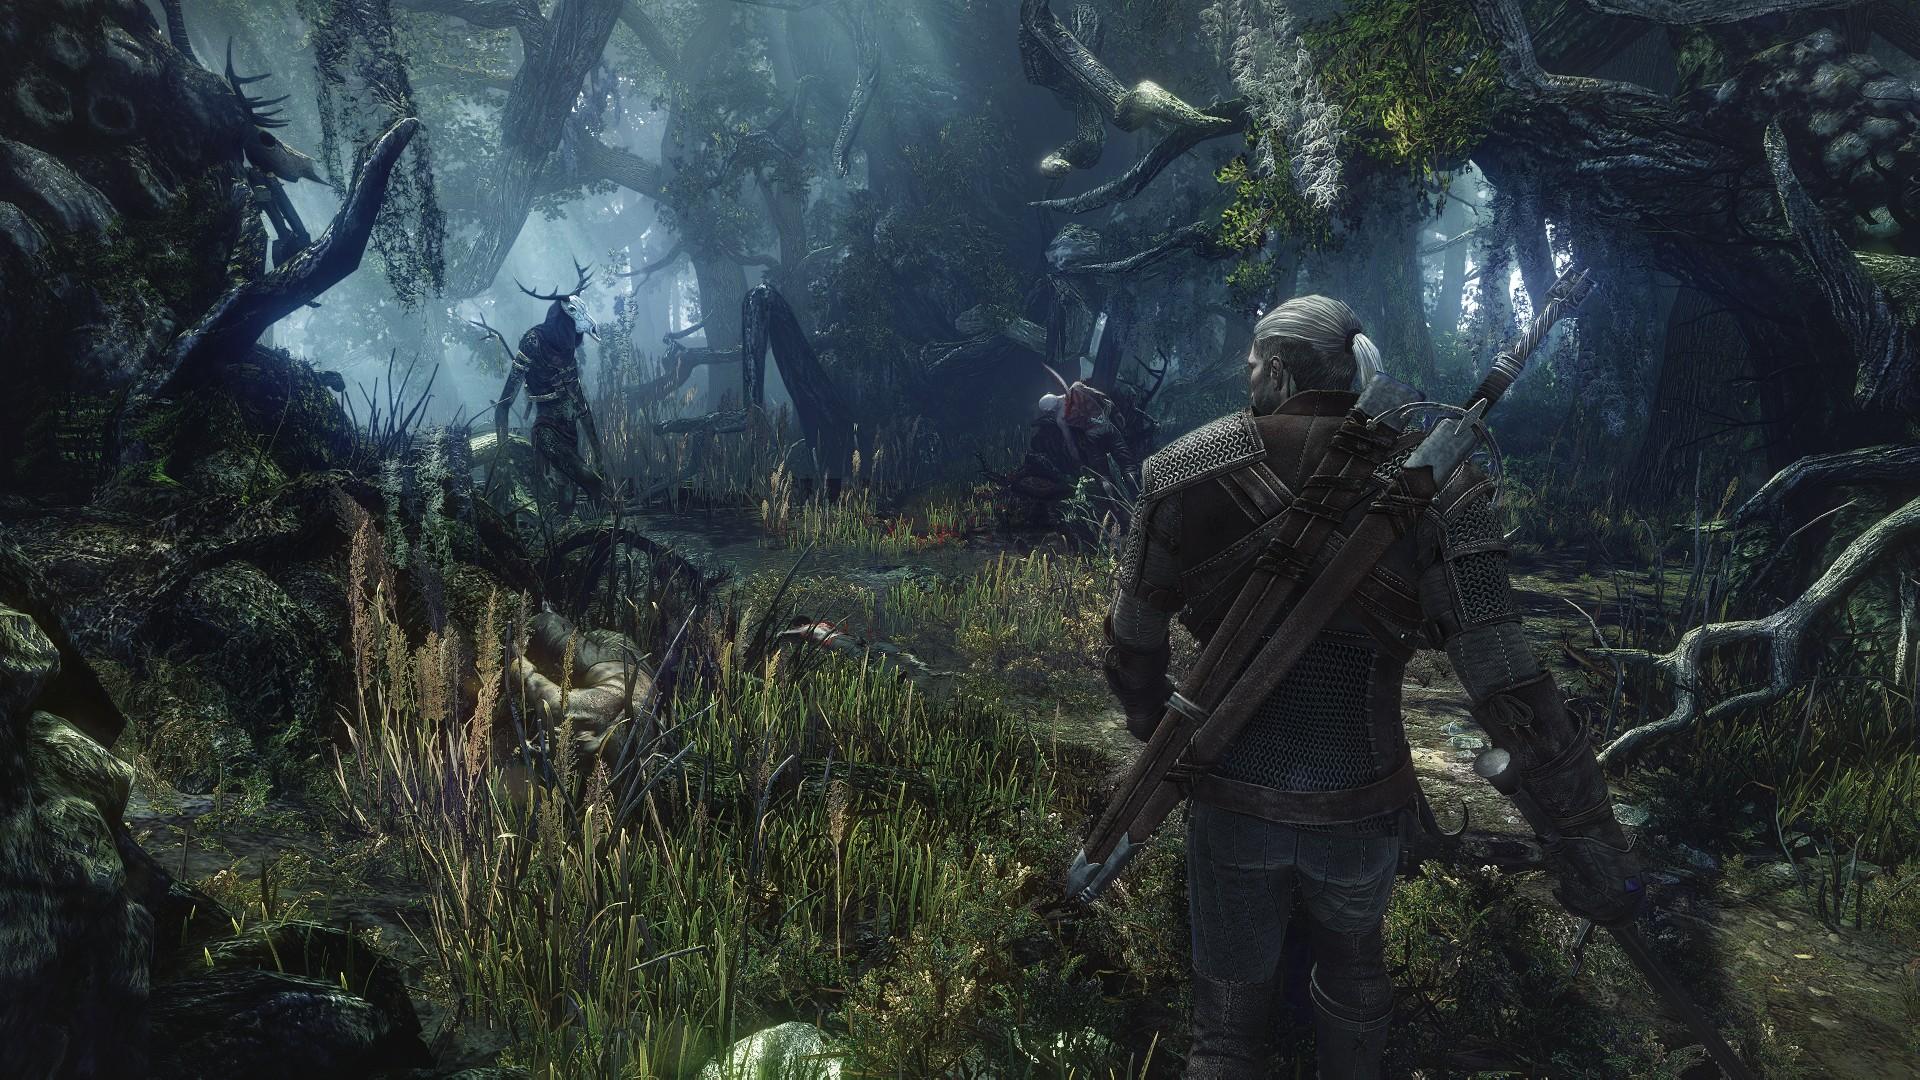 графоний изначальный - Witcher 3: Wild Hunt, the